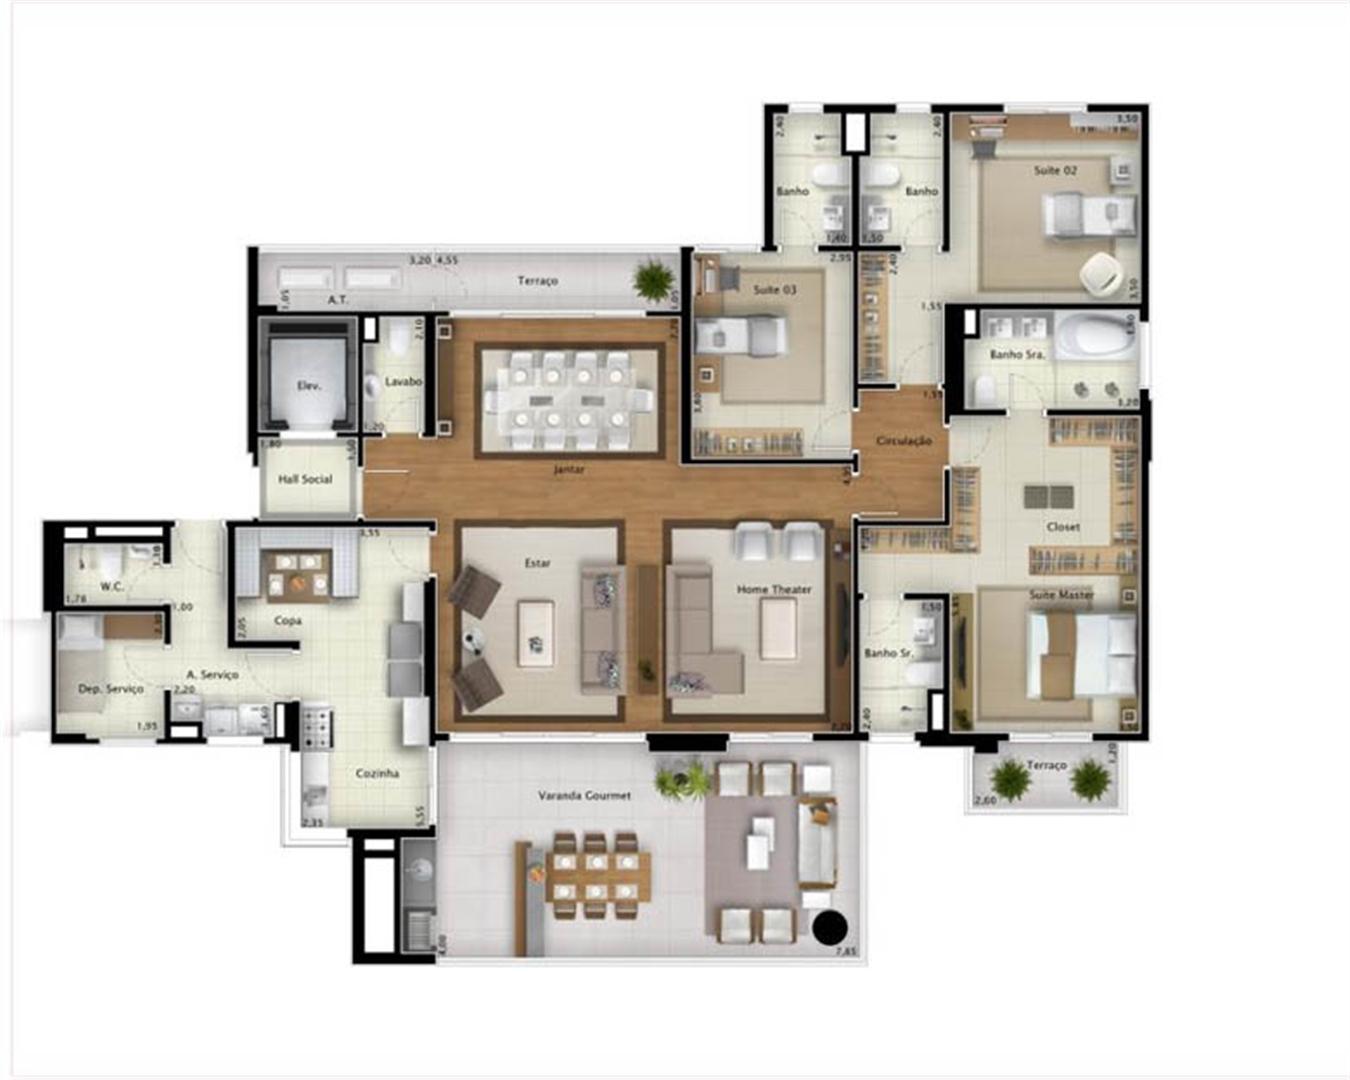 Planta apartamento Sky View 225 m² (ampliada) | Mirage Bay – Apartamento em  Umarizal  - Belém - Pará